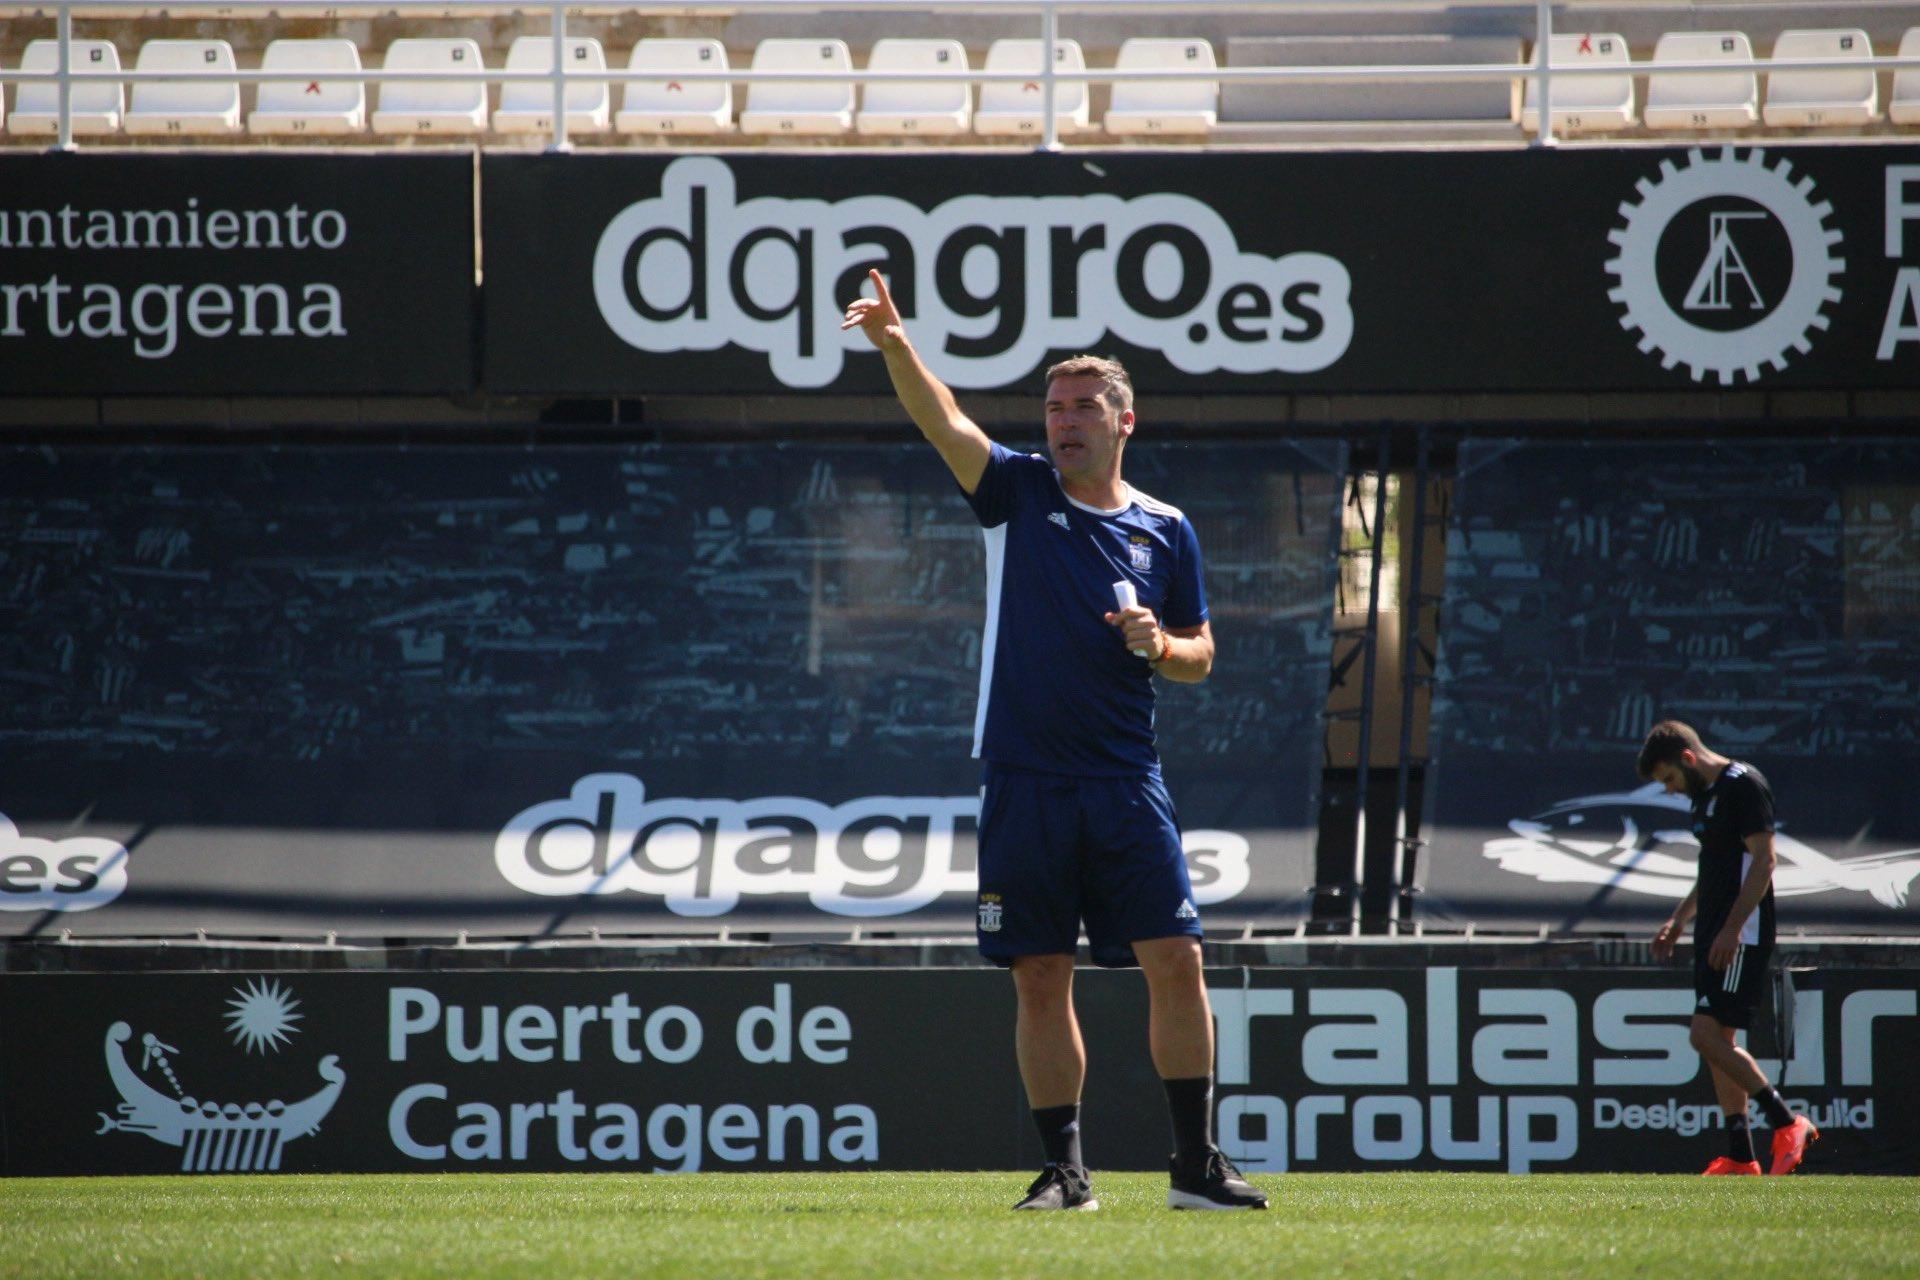 Luis Carrión